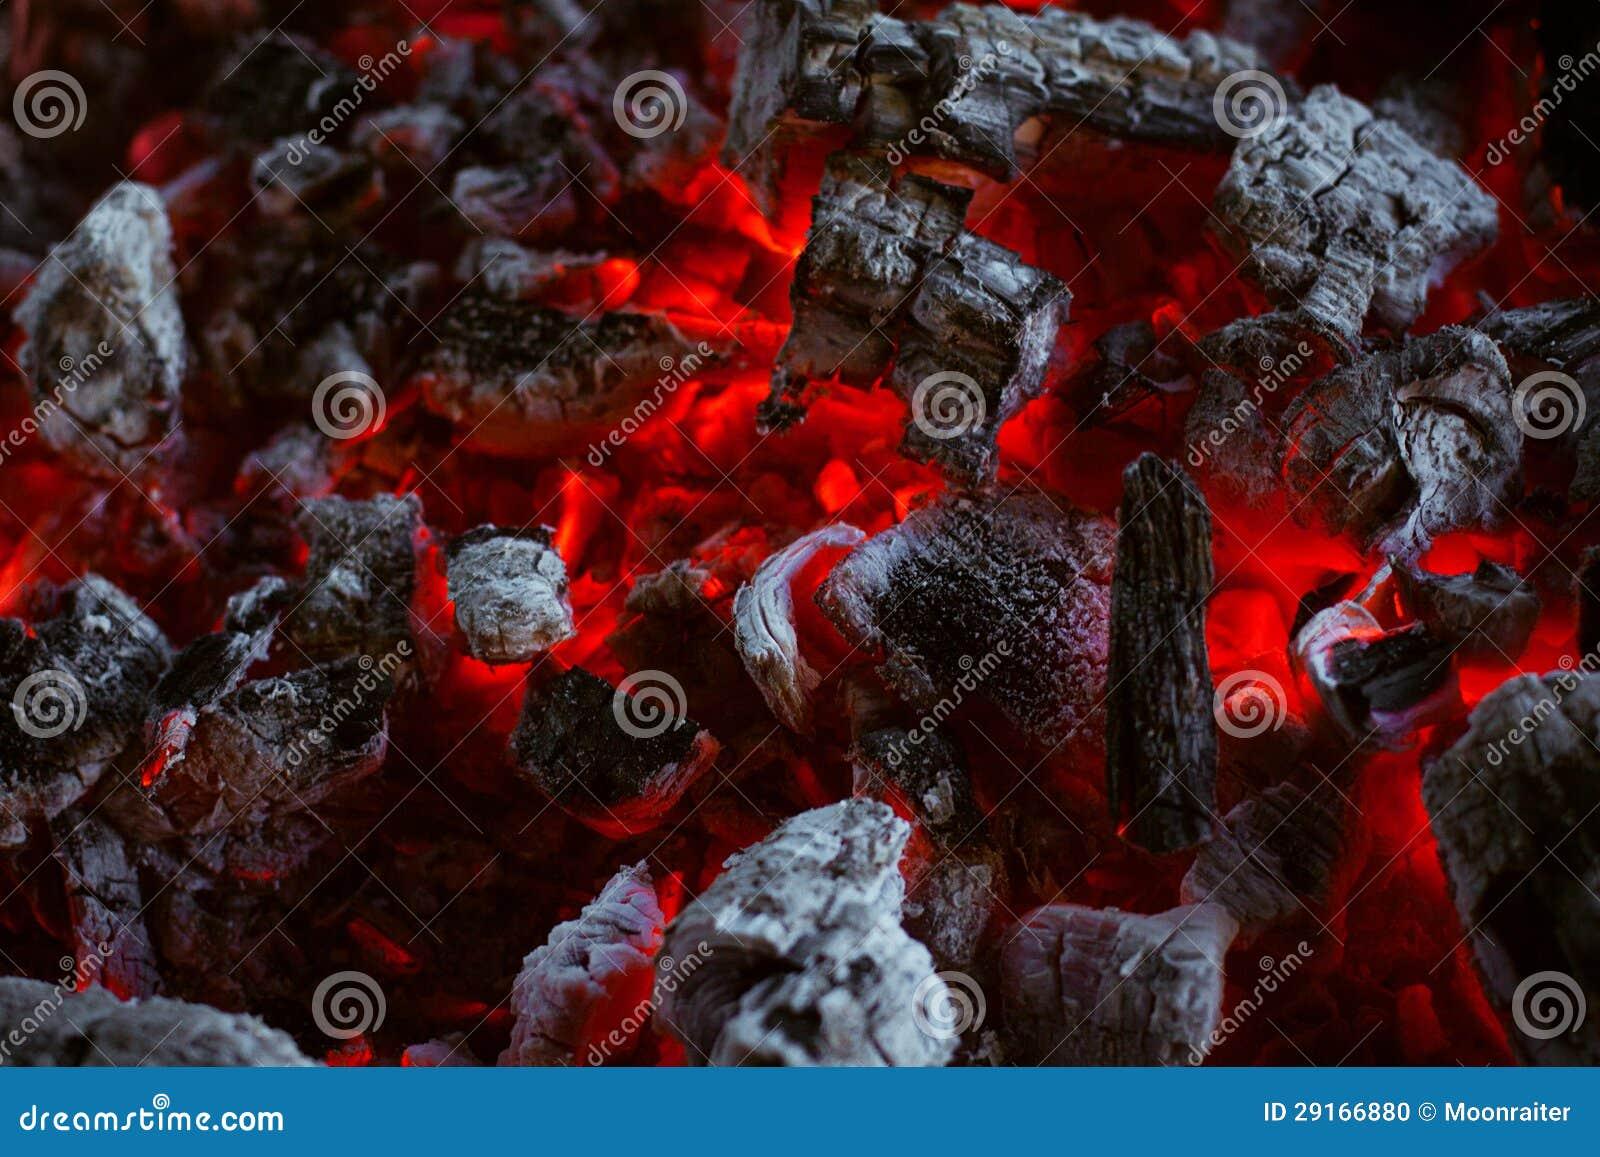 Smoulder a textura do carvão vegetal